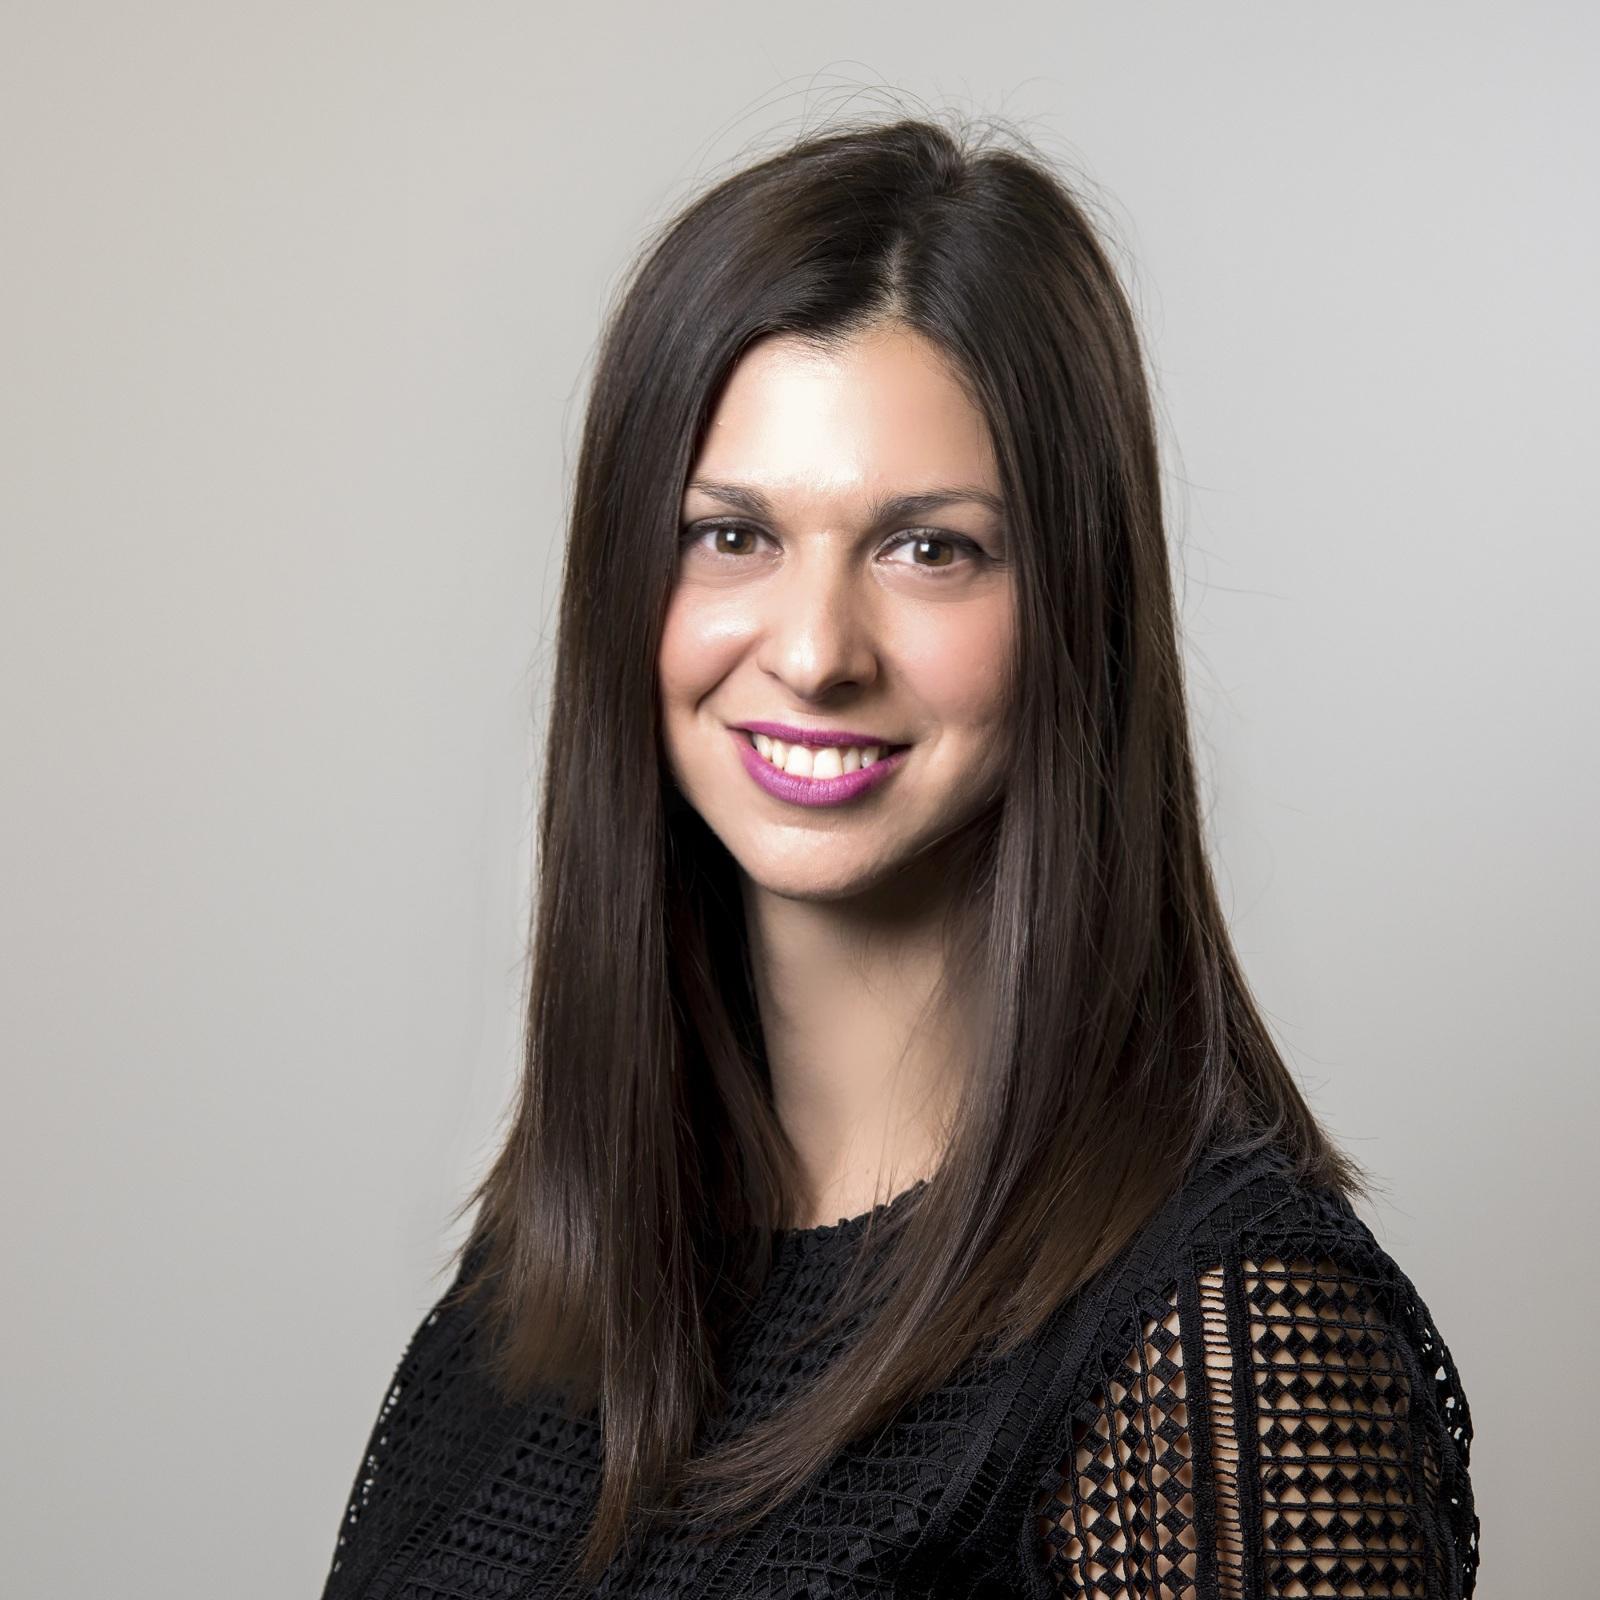 Nancy Kalogeropoulou